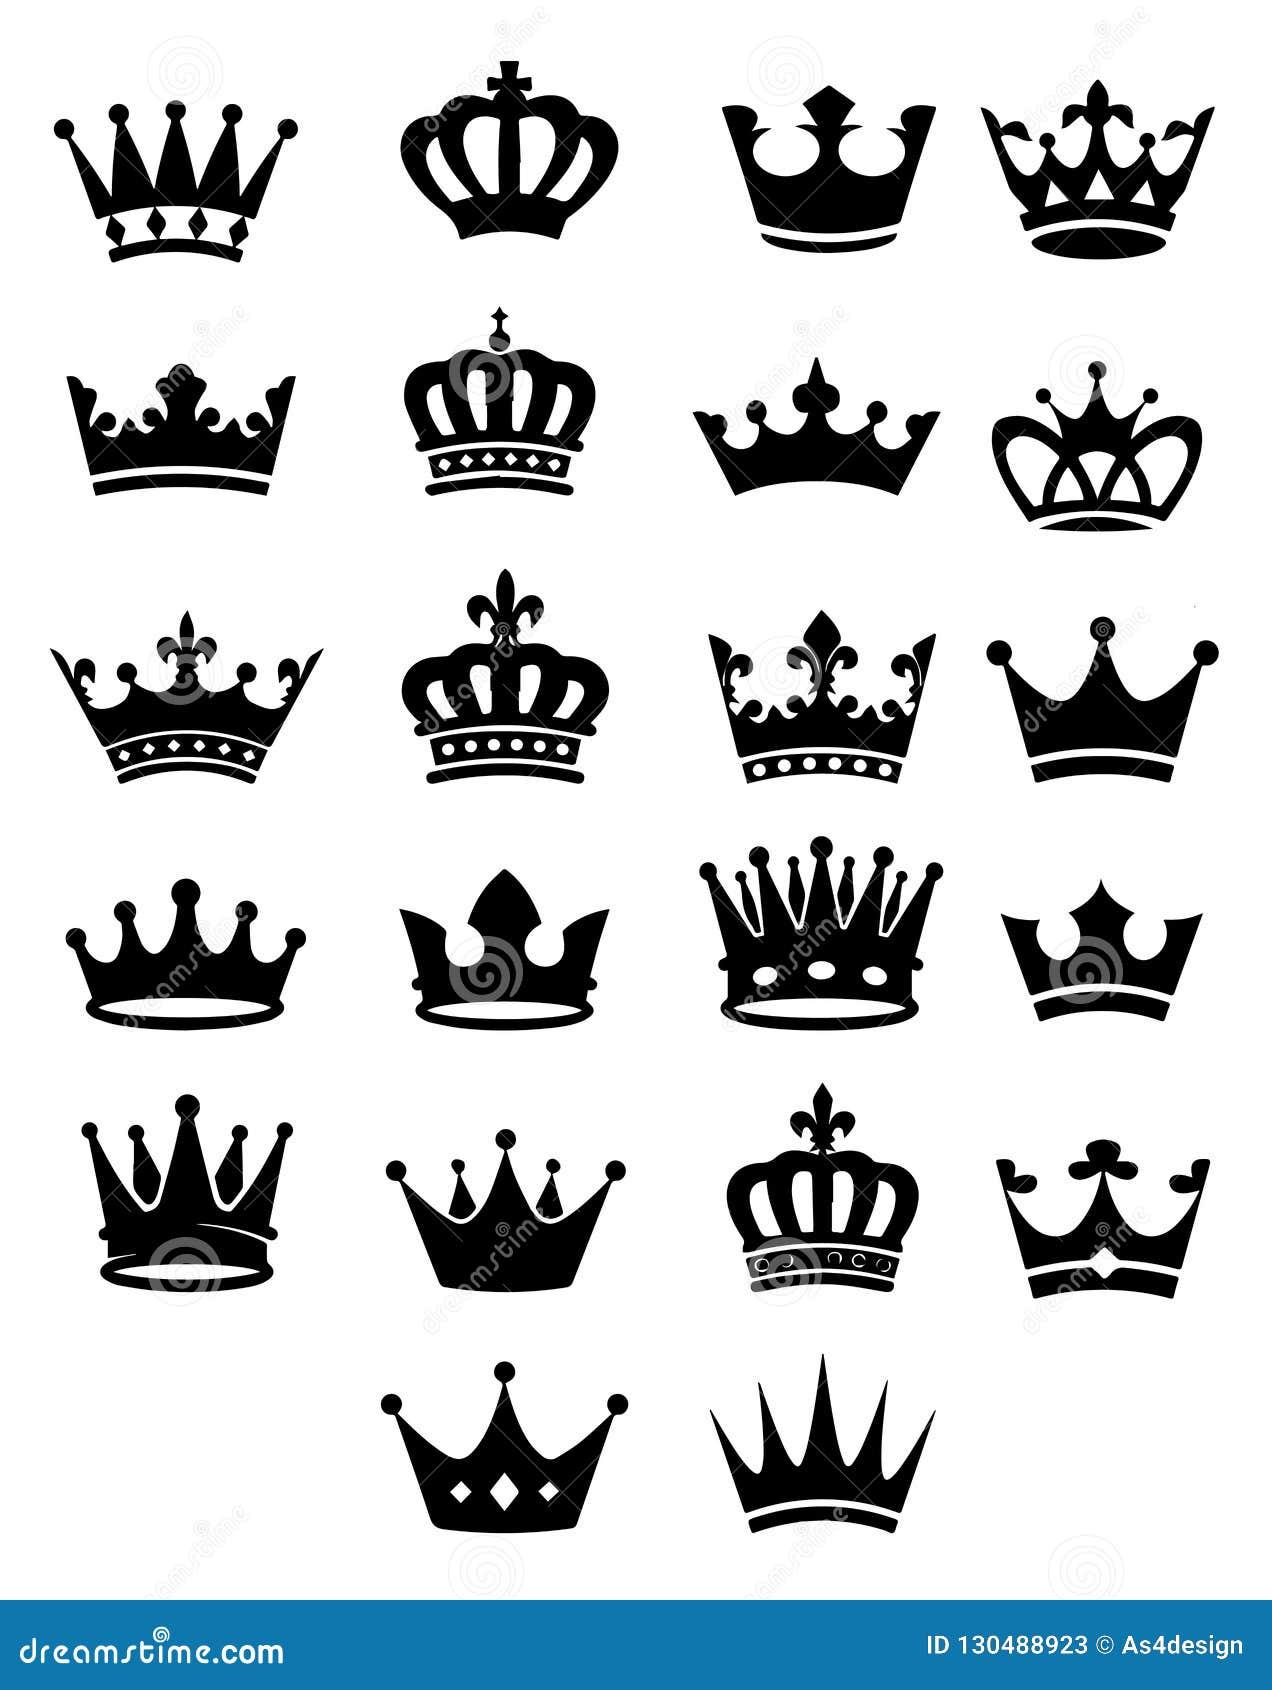 22 coronas negras reales únicas en diversas formas